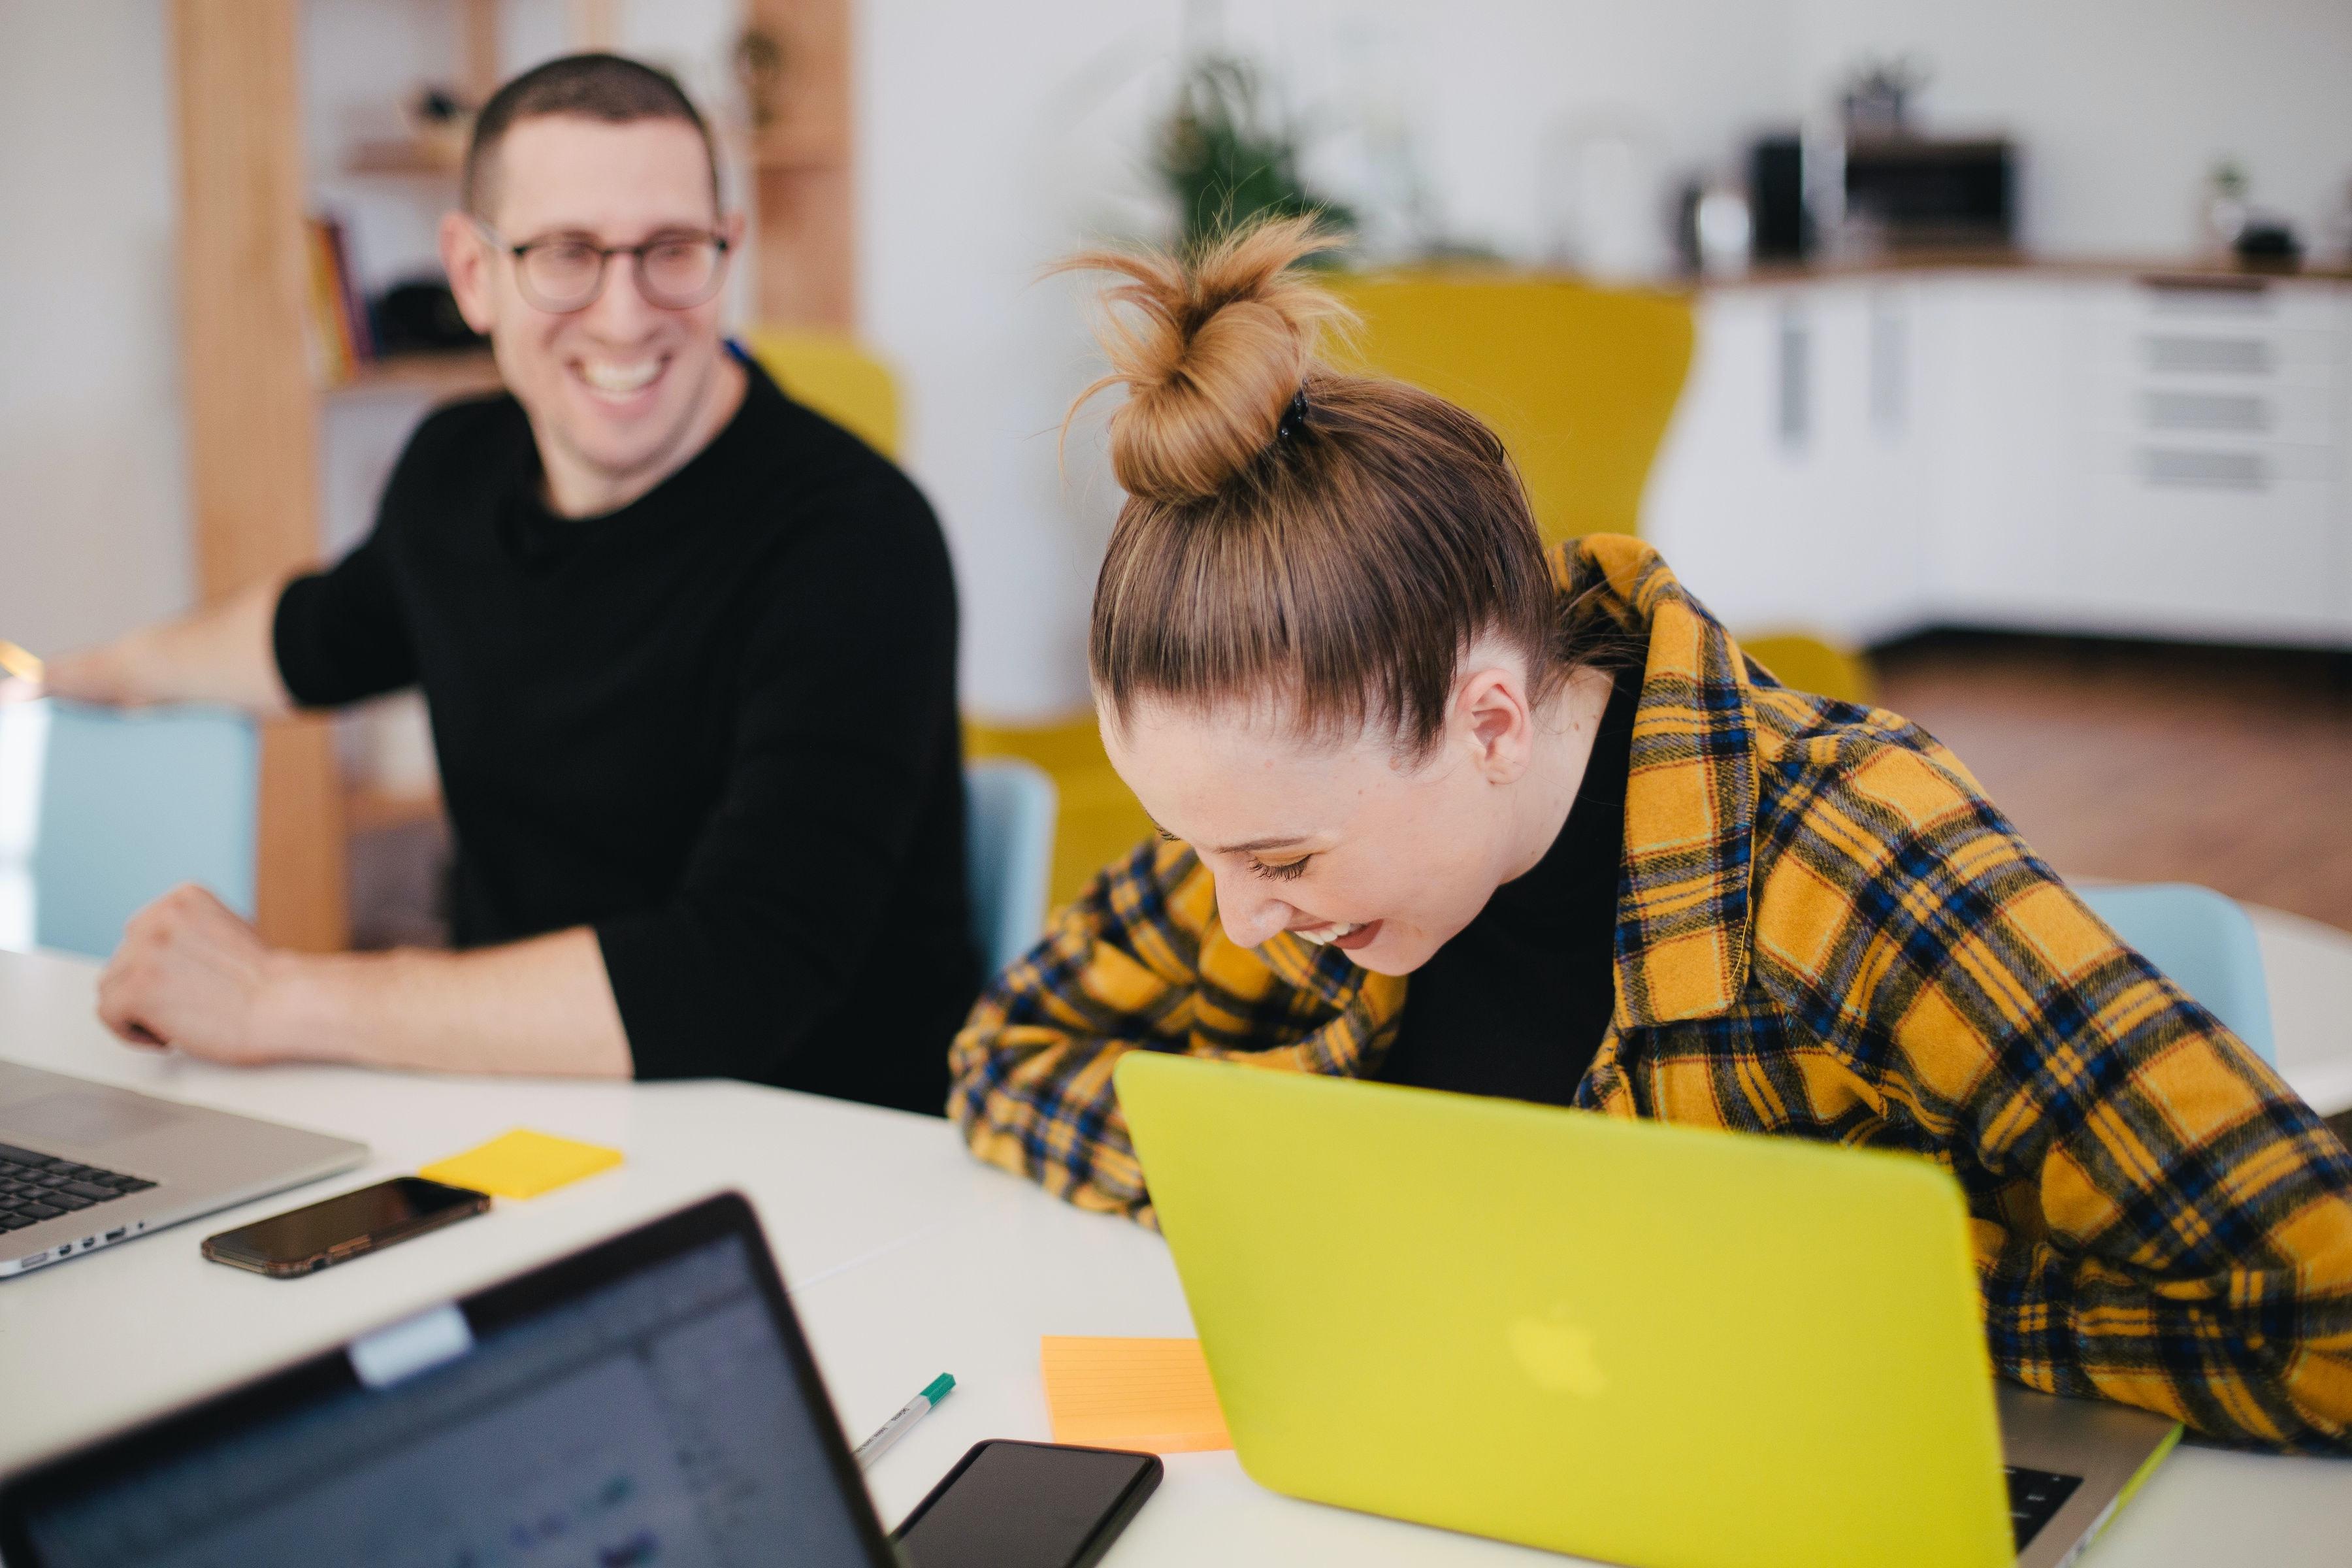 Creativiteit, motivatie en minder stress:Hoe kunst en cultuur kunnen bijdragen aan geluk op de werkvloer